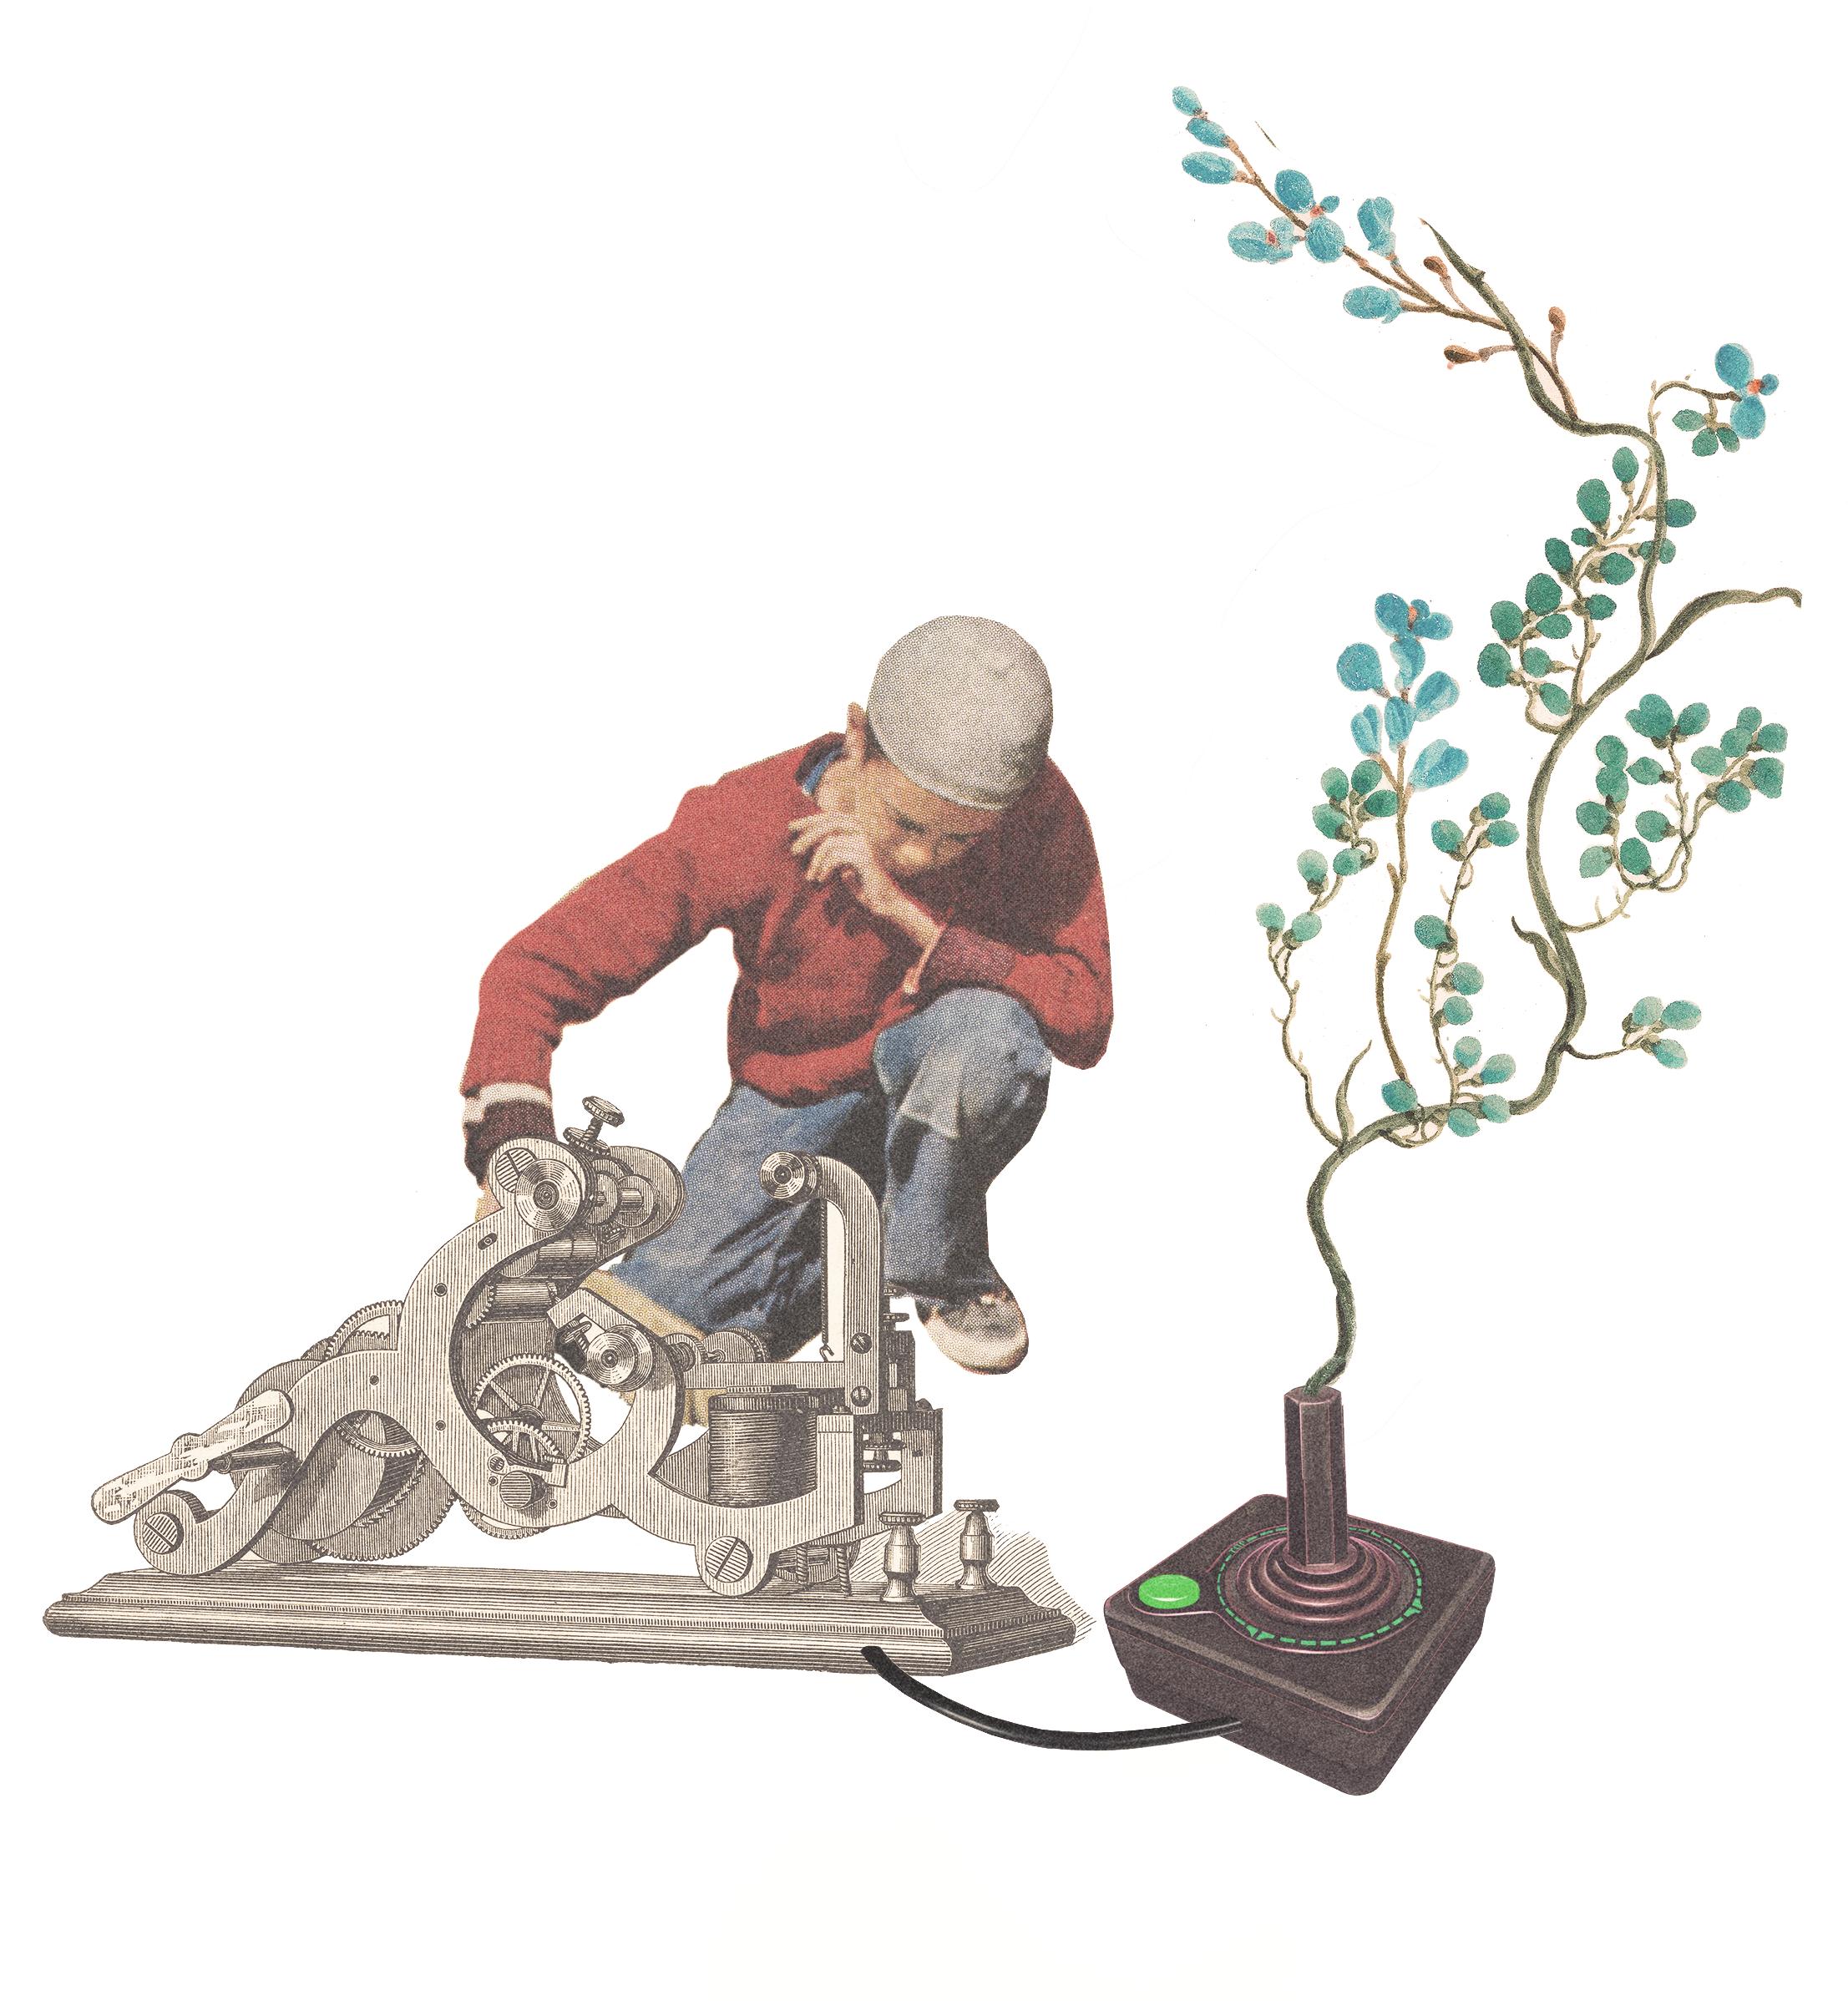 Illustration med pojke, joystick, maskin och gren